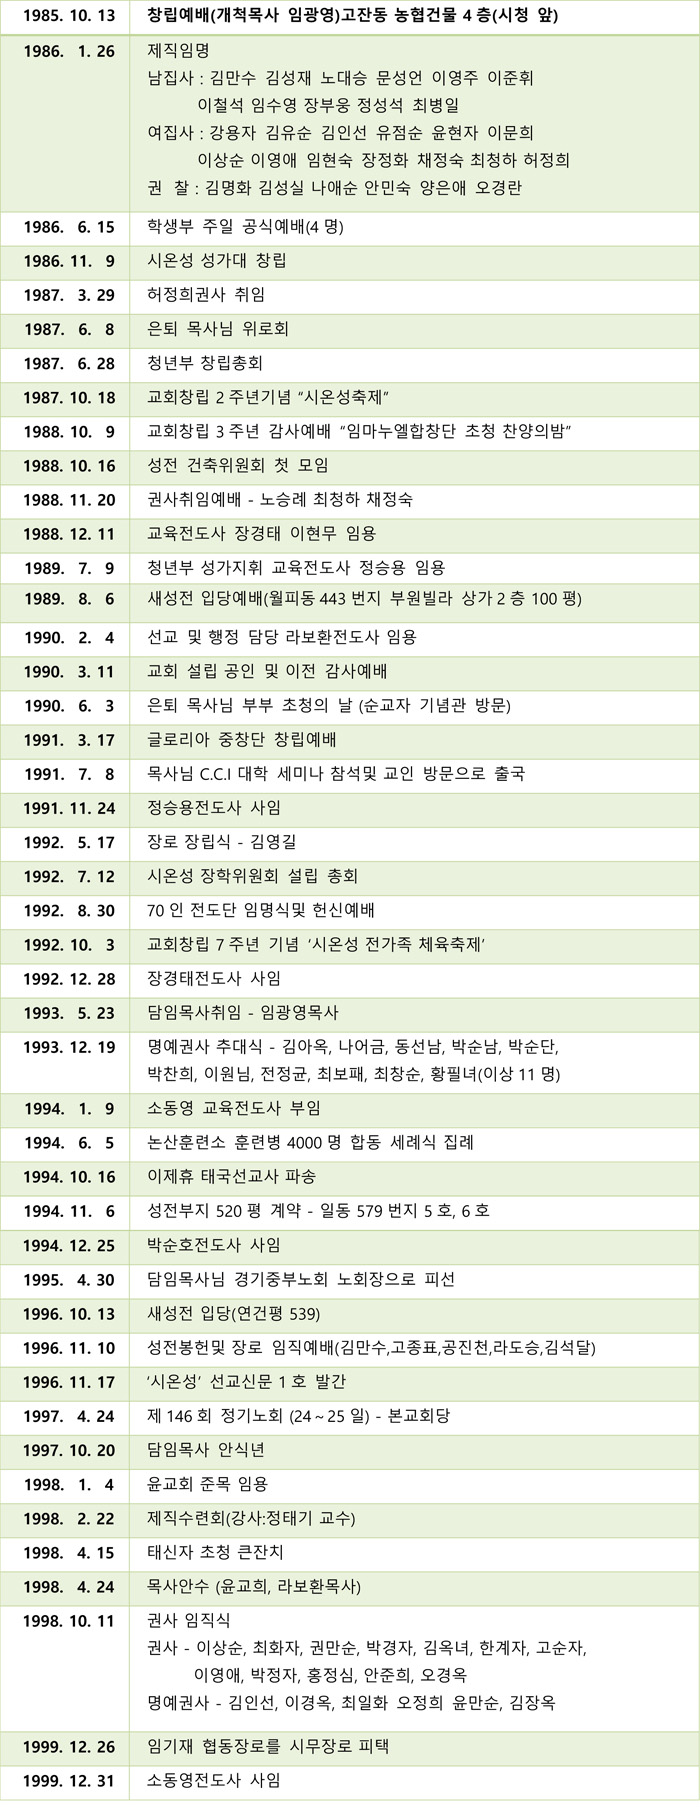 교회연혁_1990_수정.jpg